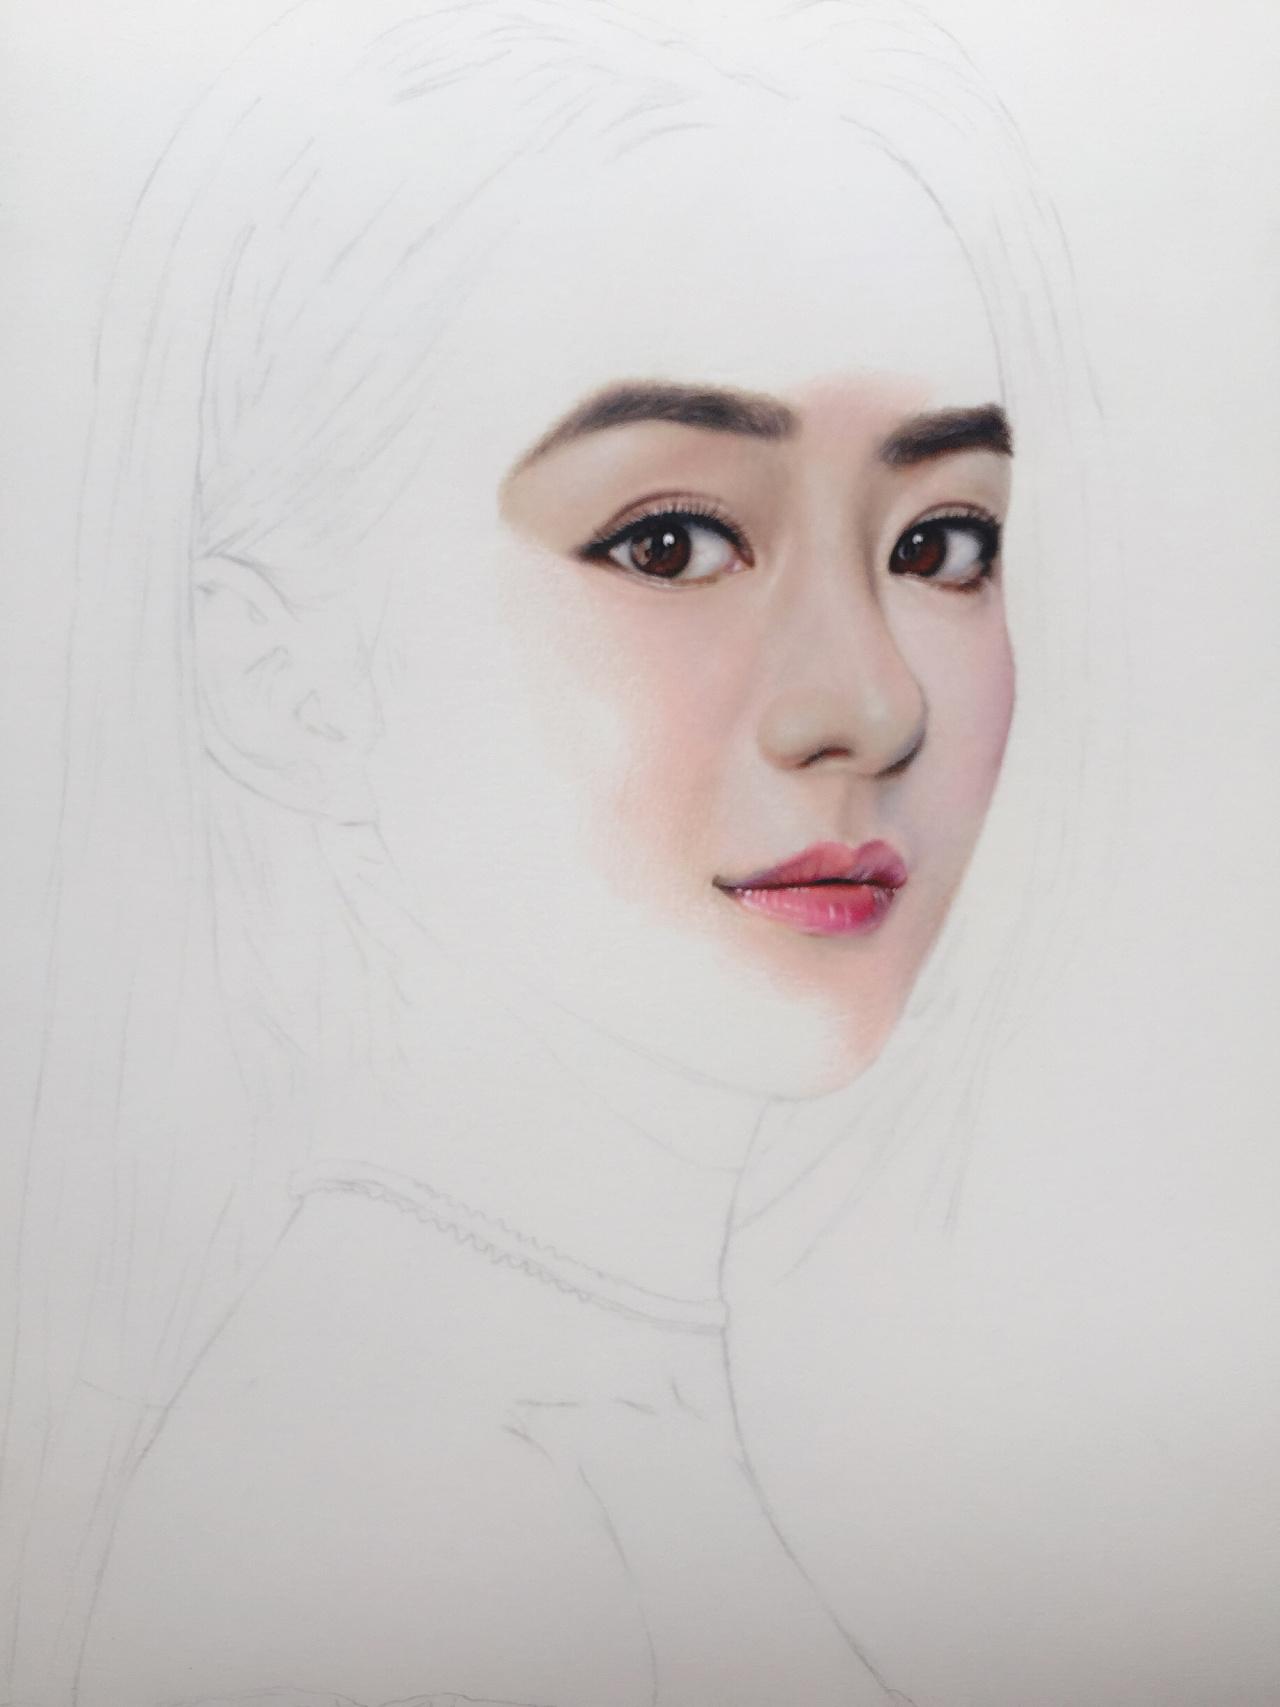 赵丽颖|纯艺术|彩铅|晨曦手绘 - 原创作品 - 站酷